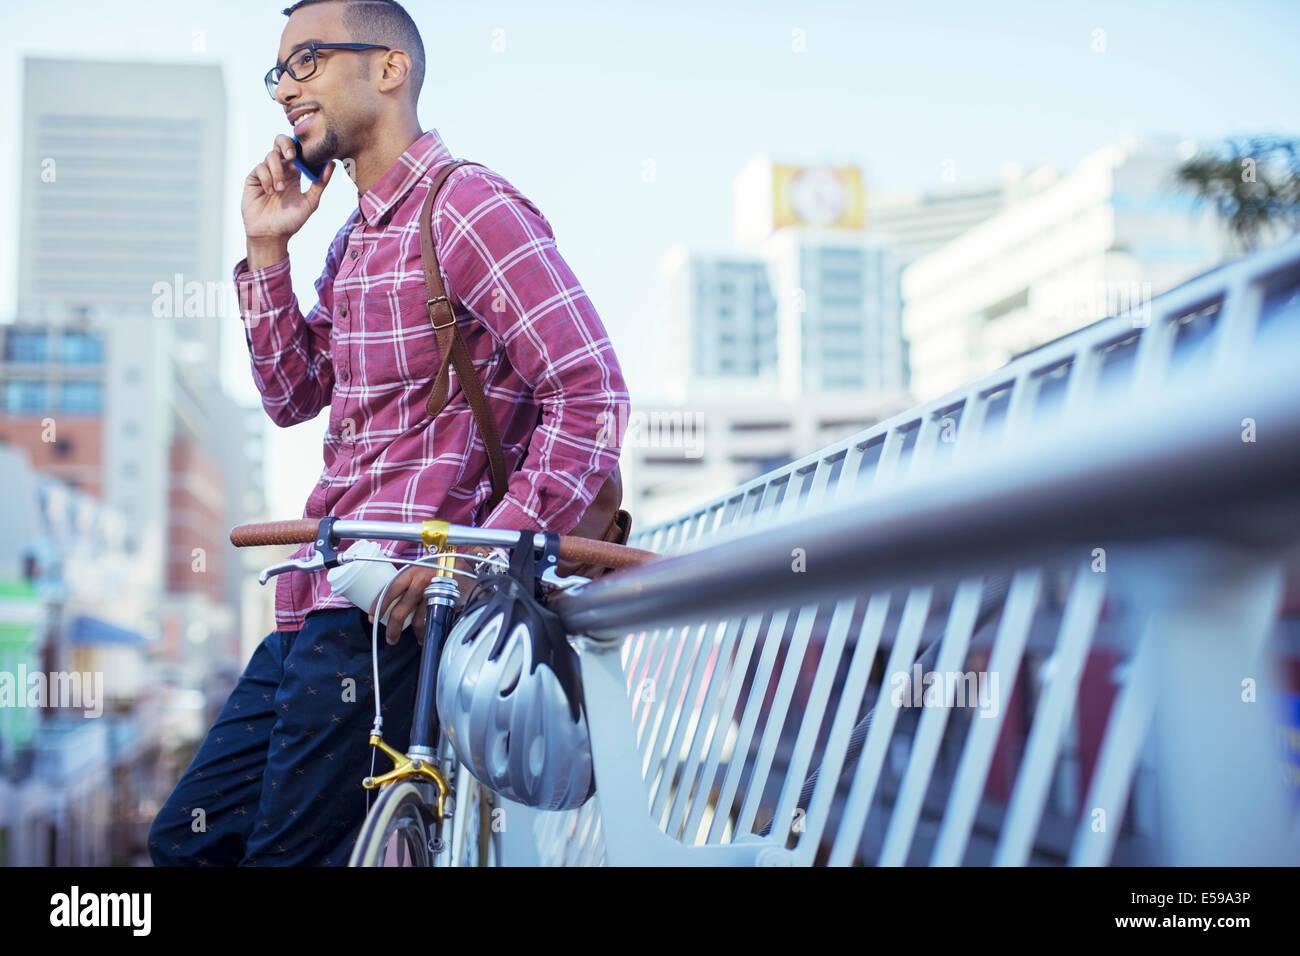 Hombre hablando por teléfono celular en las calles de la ciudad Imagen De Stock